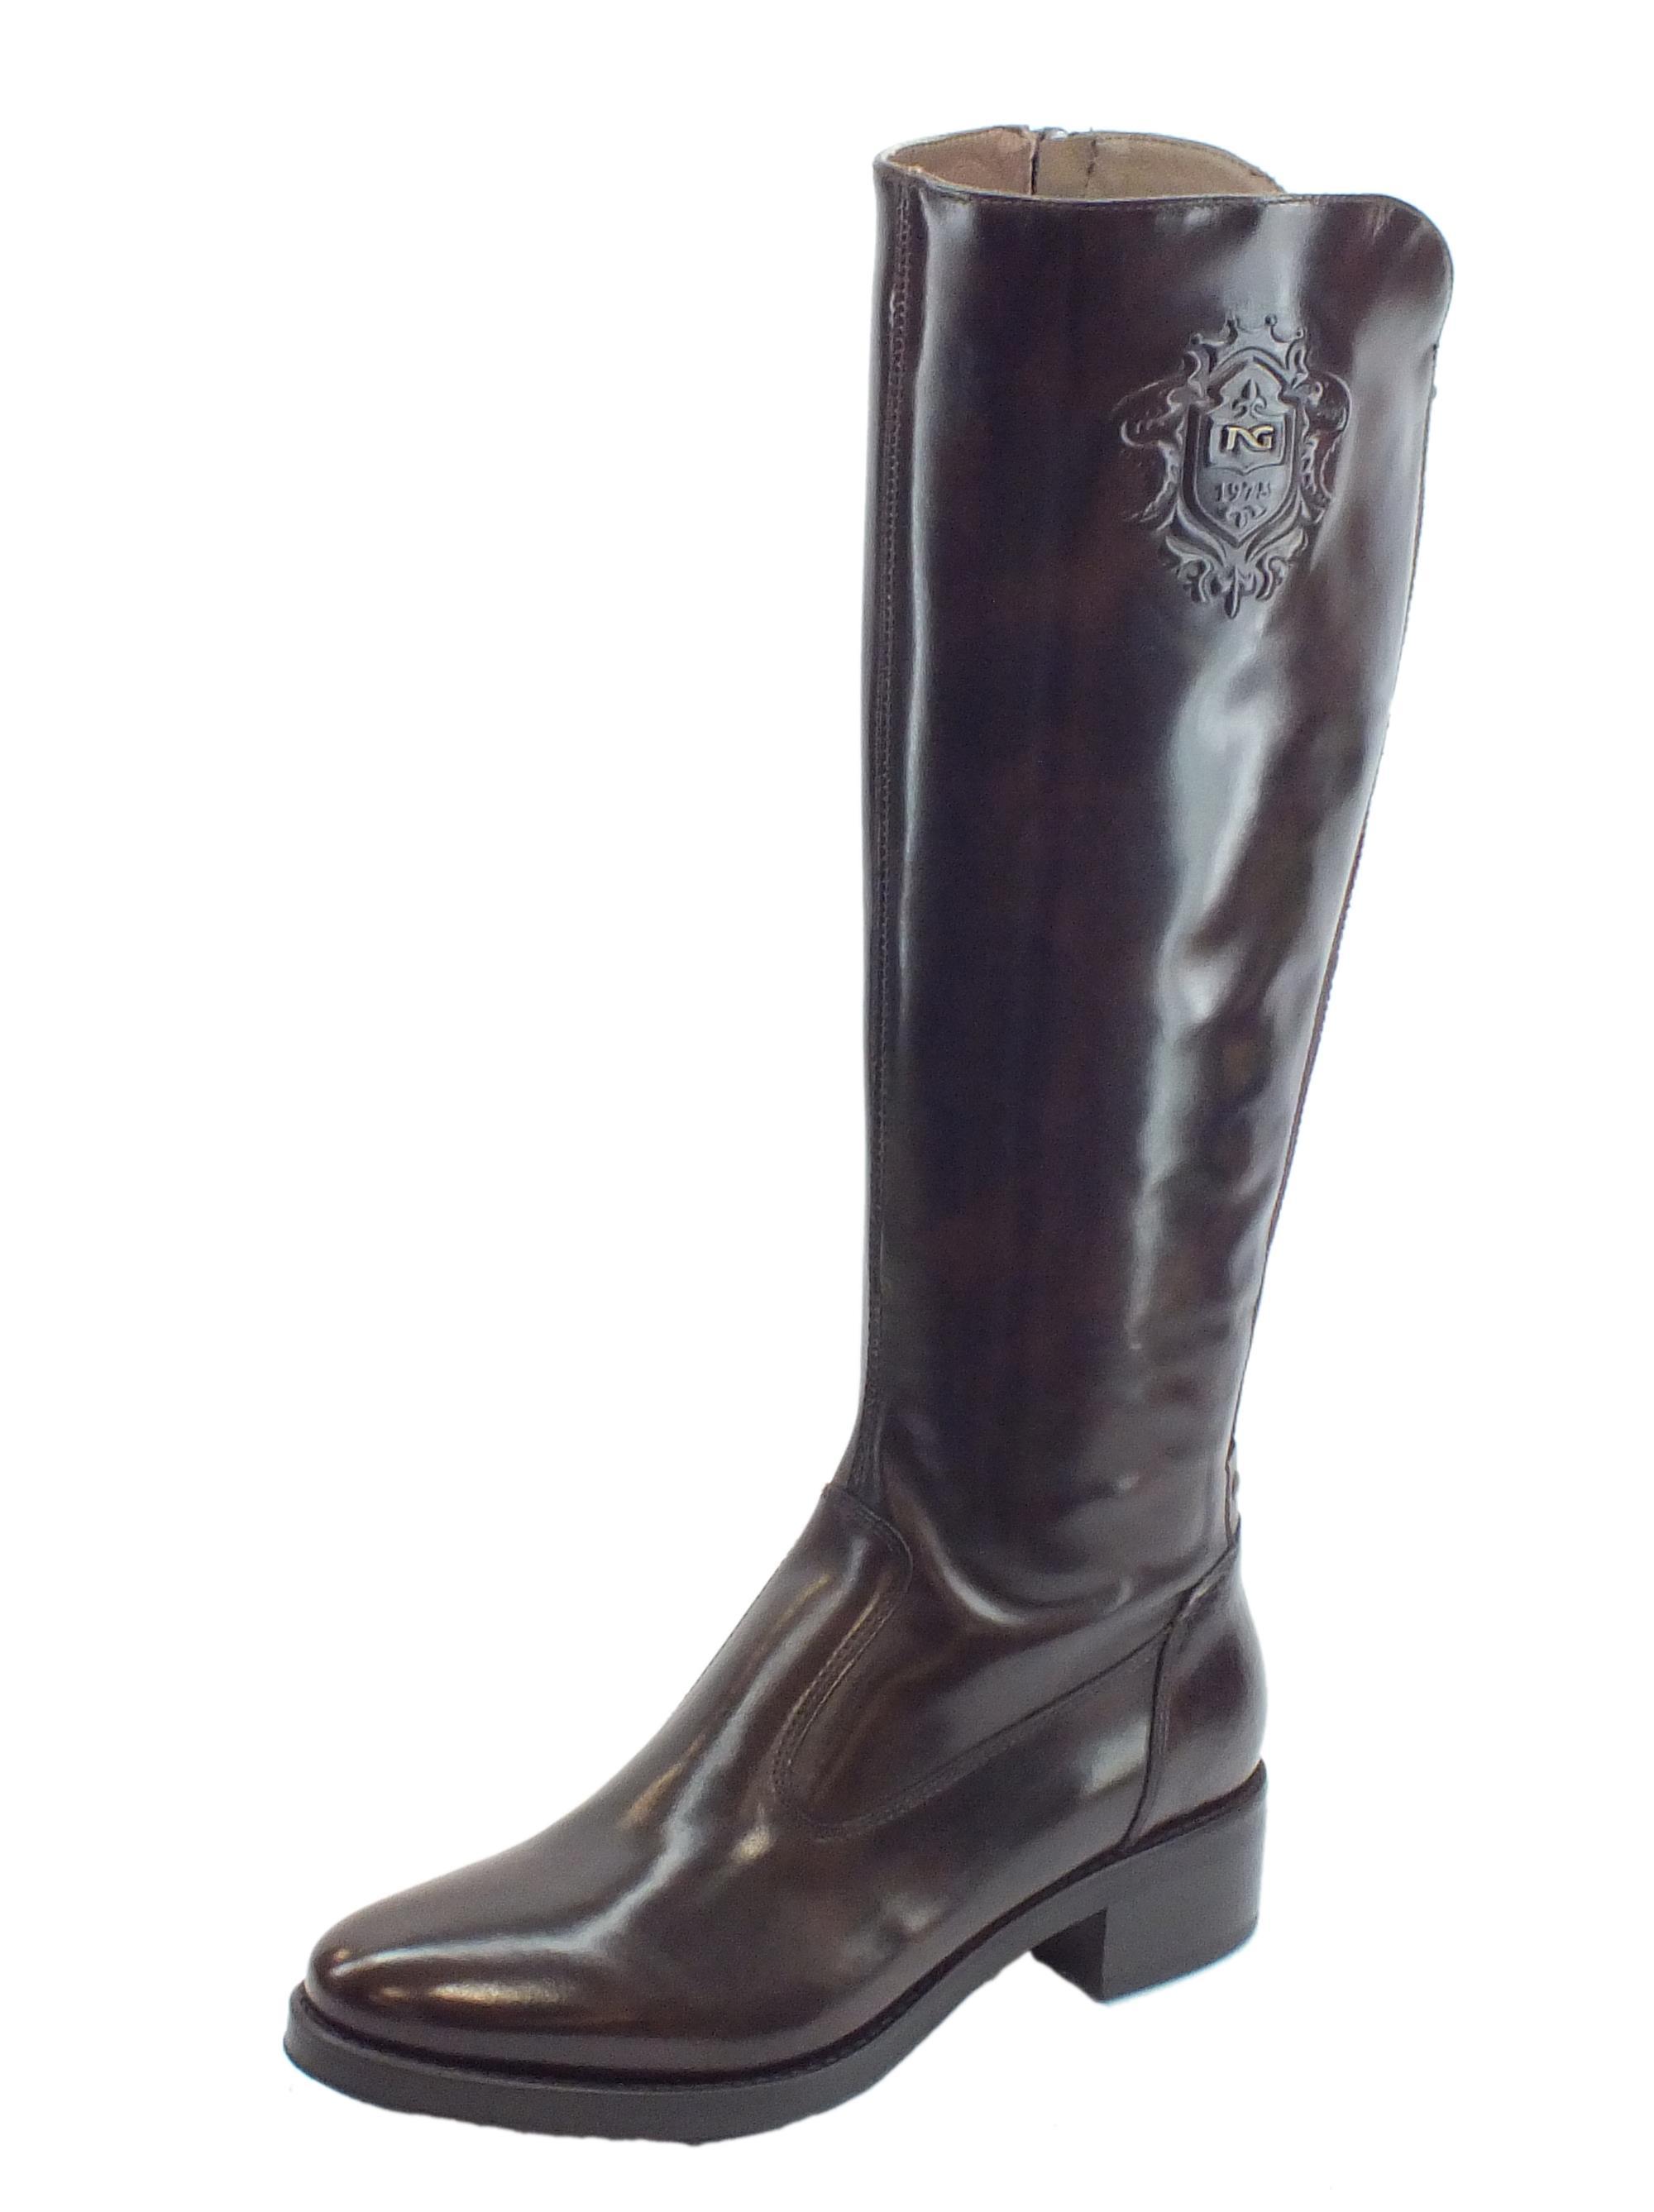 new arrival ef3d1 1f8e1 Stivali NeroGiardini per donna Manolete Testa di Moro con tacco medio